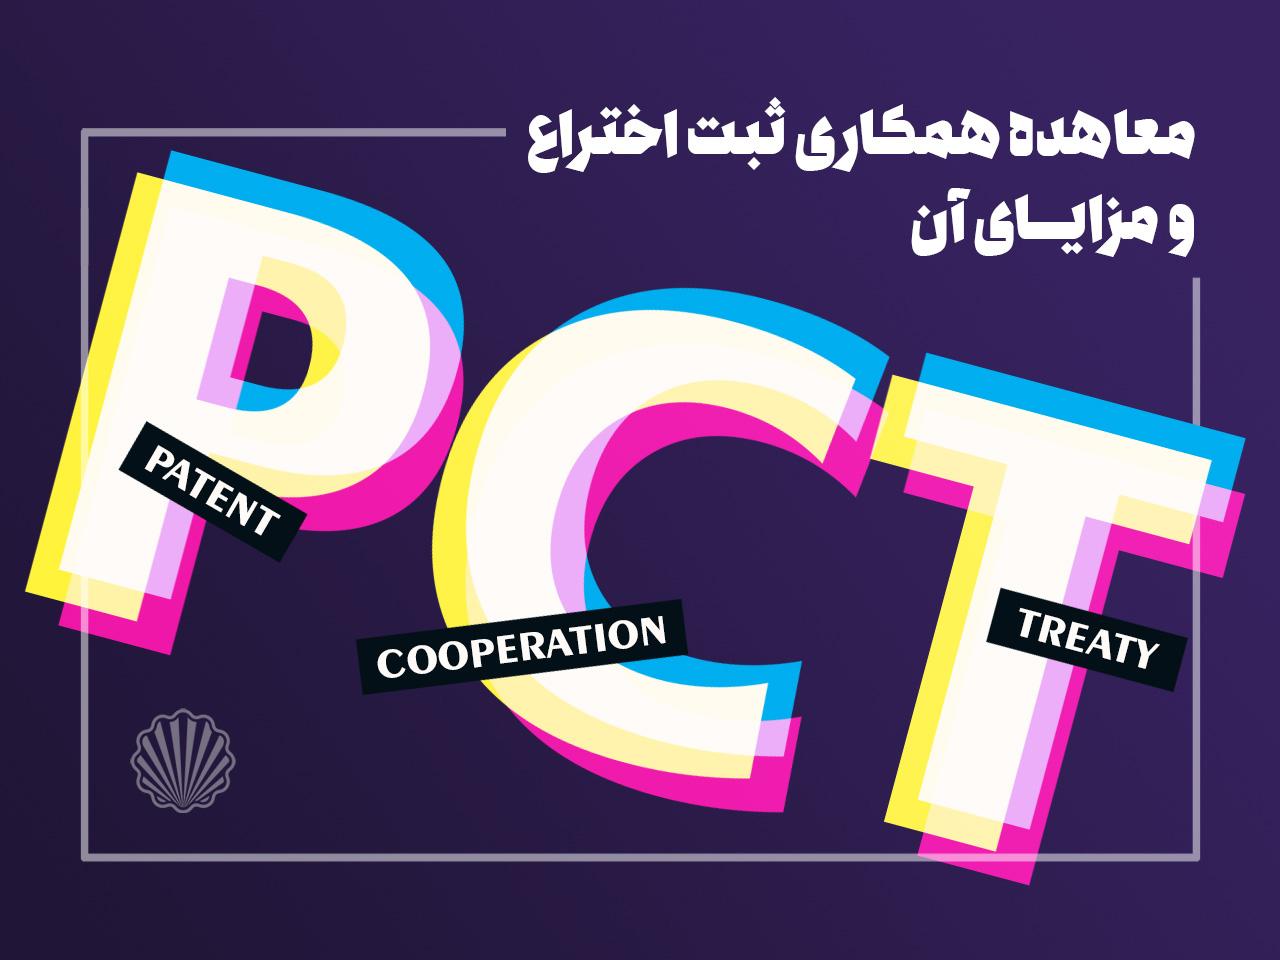 معاهده همکاری ثبت اختراع «PCT»